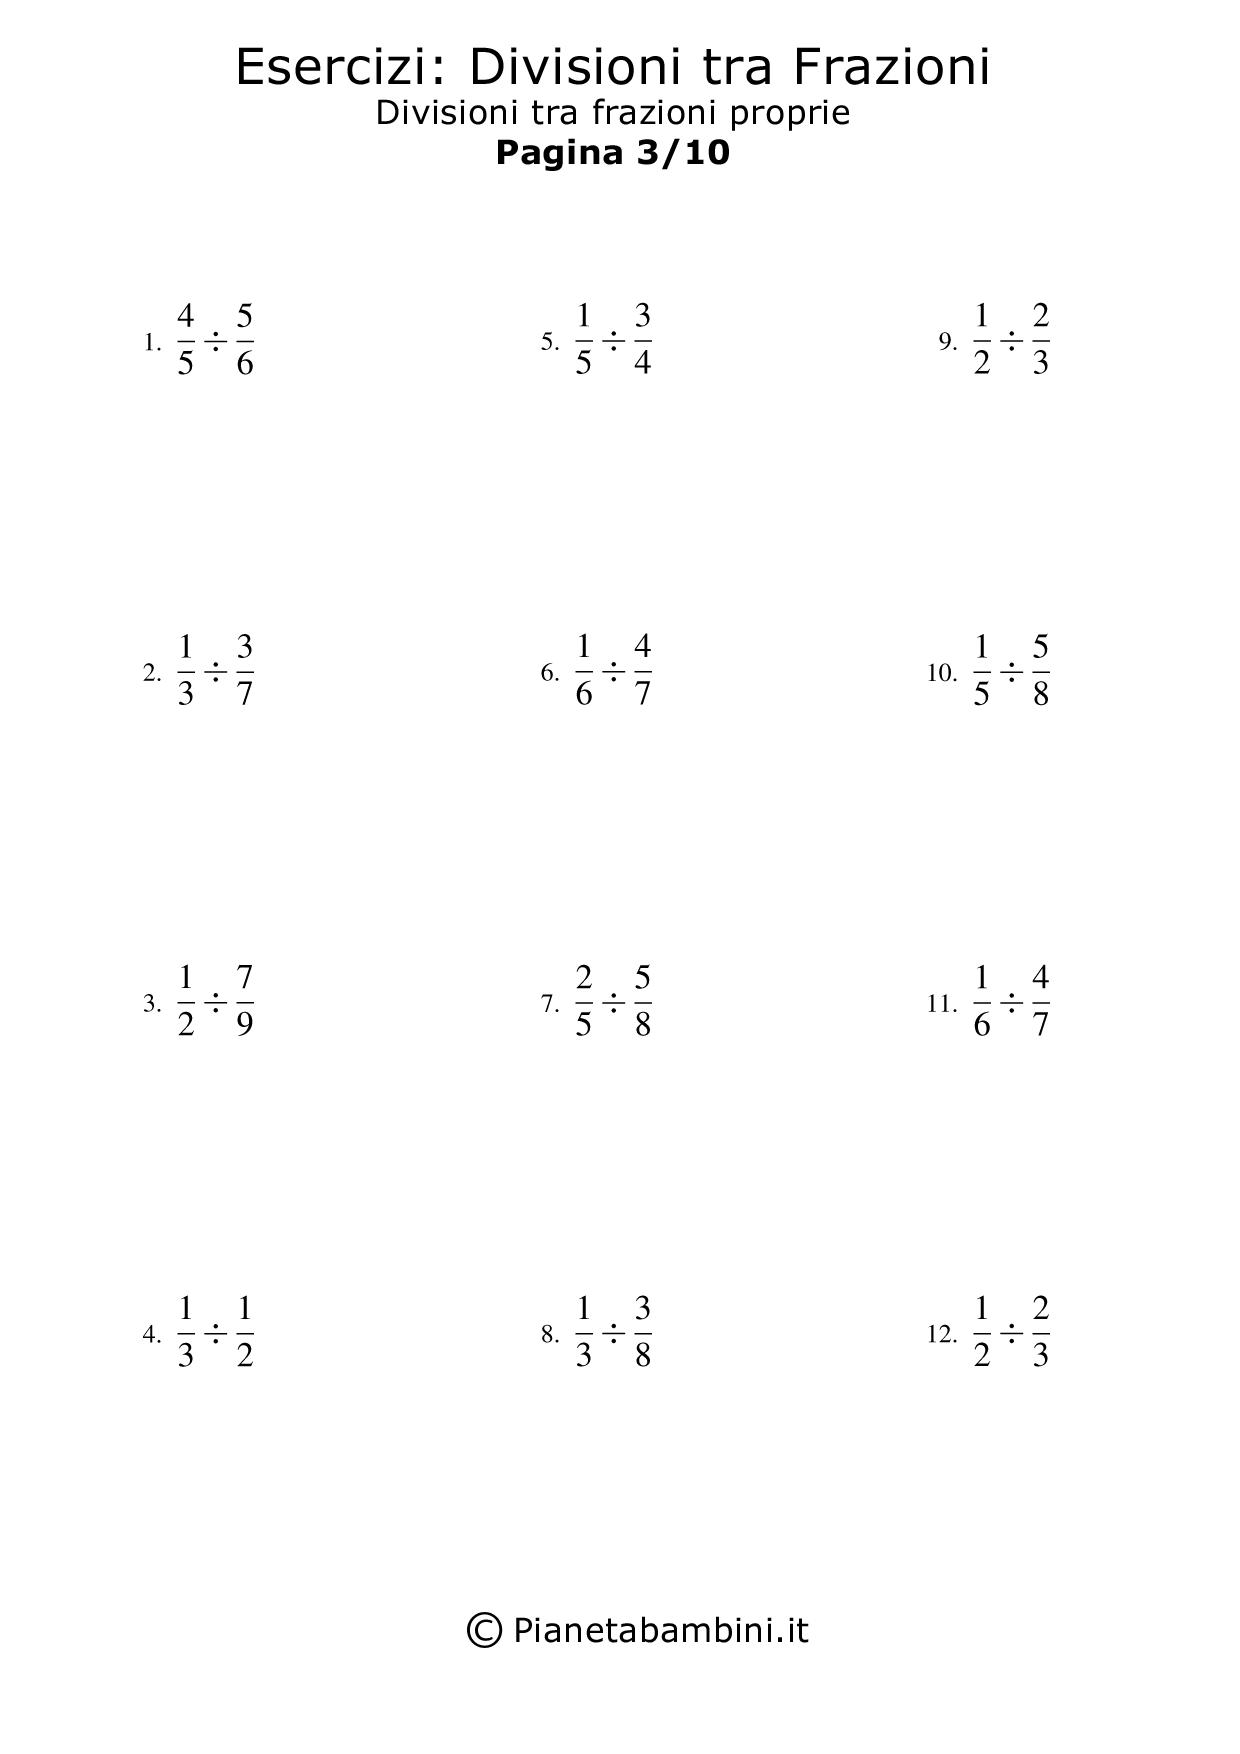 Esercizi-Divisioni-Frazioni-Proprie_03